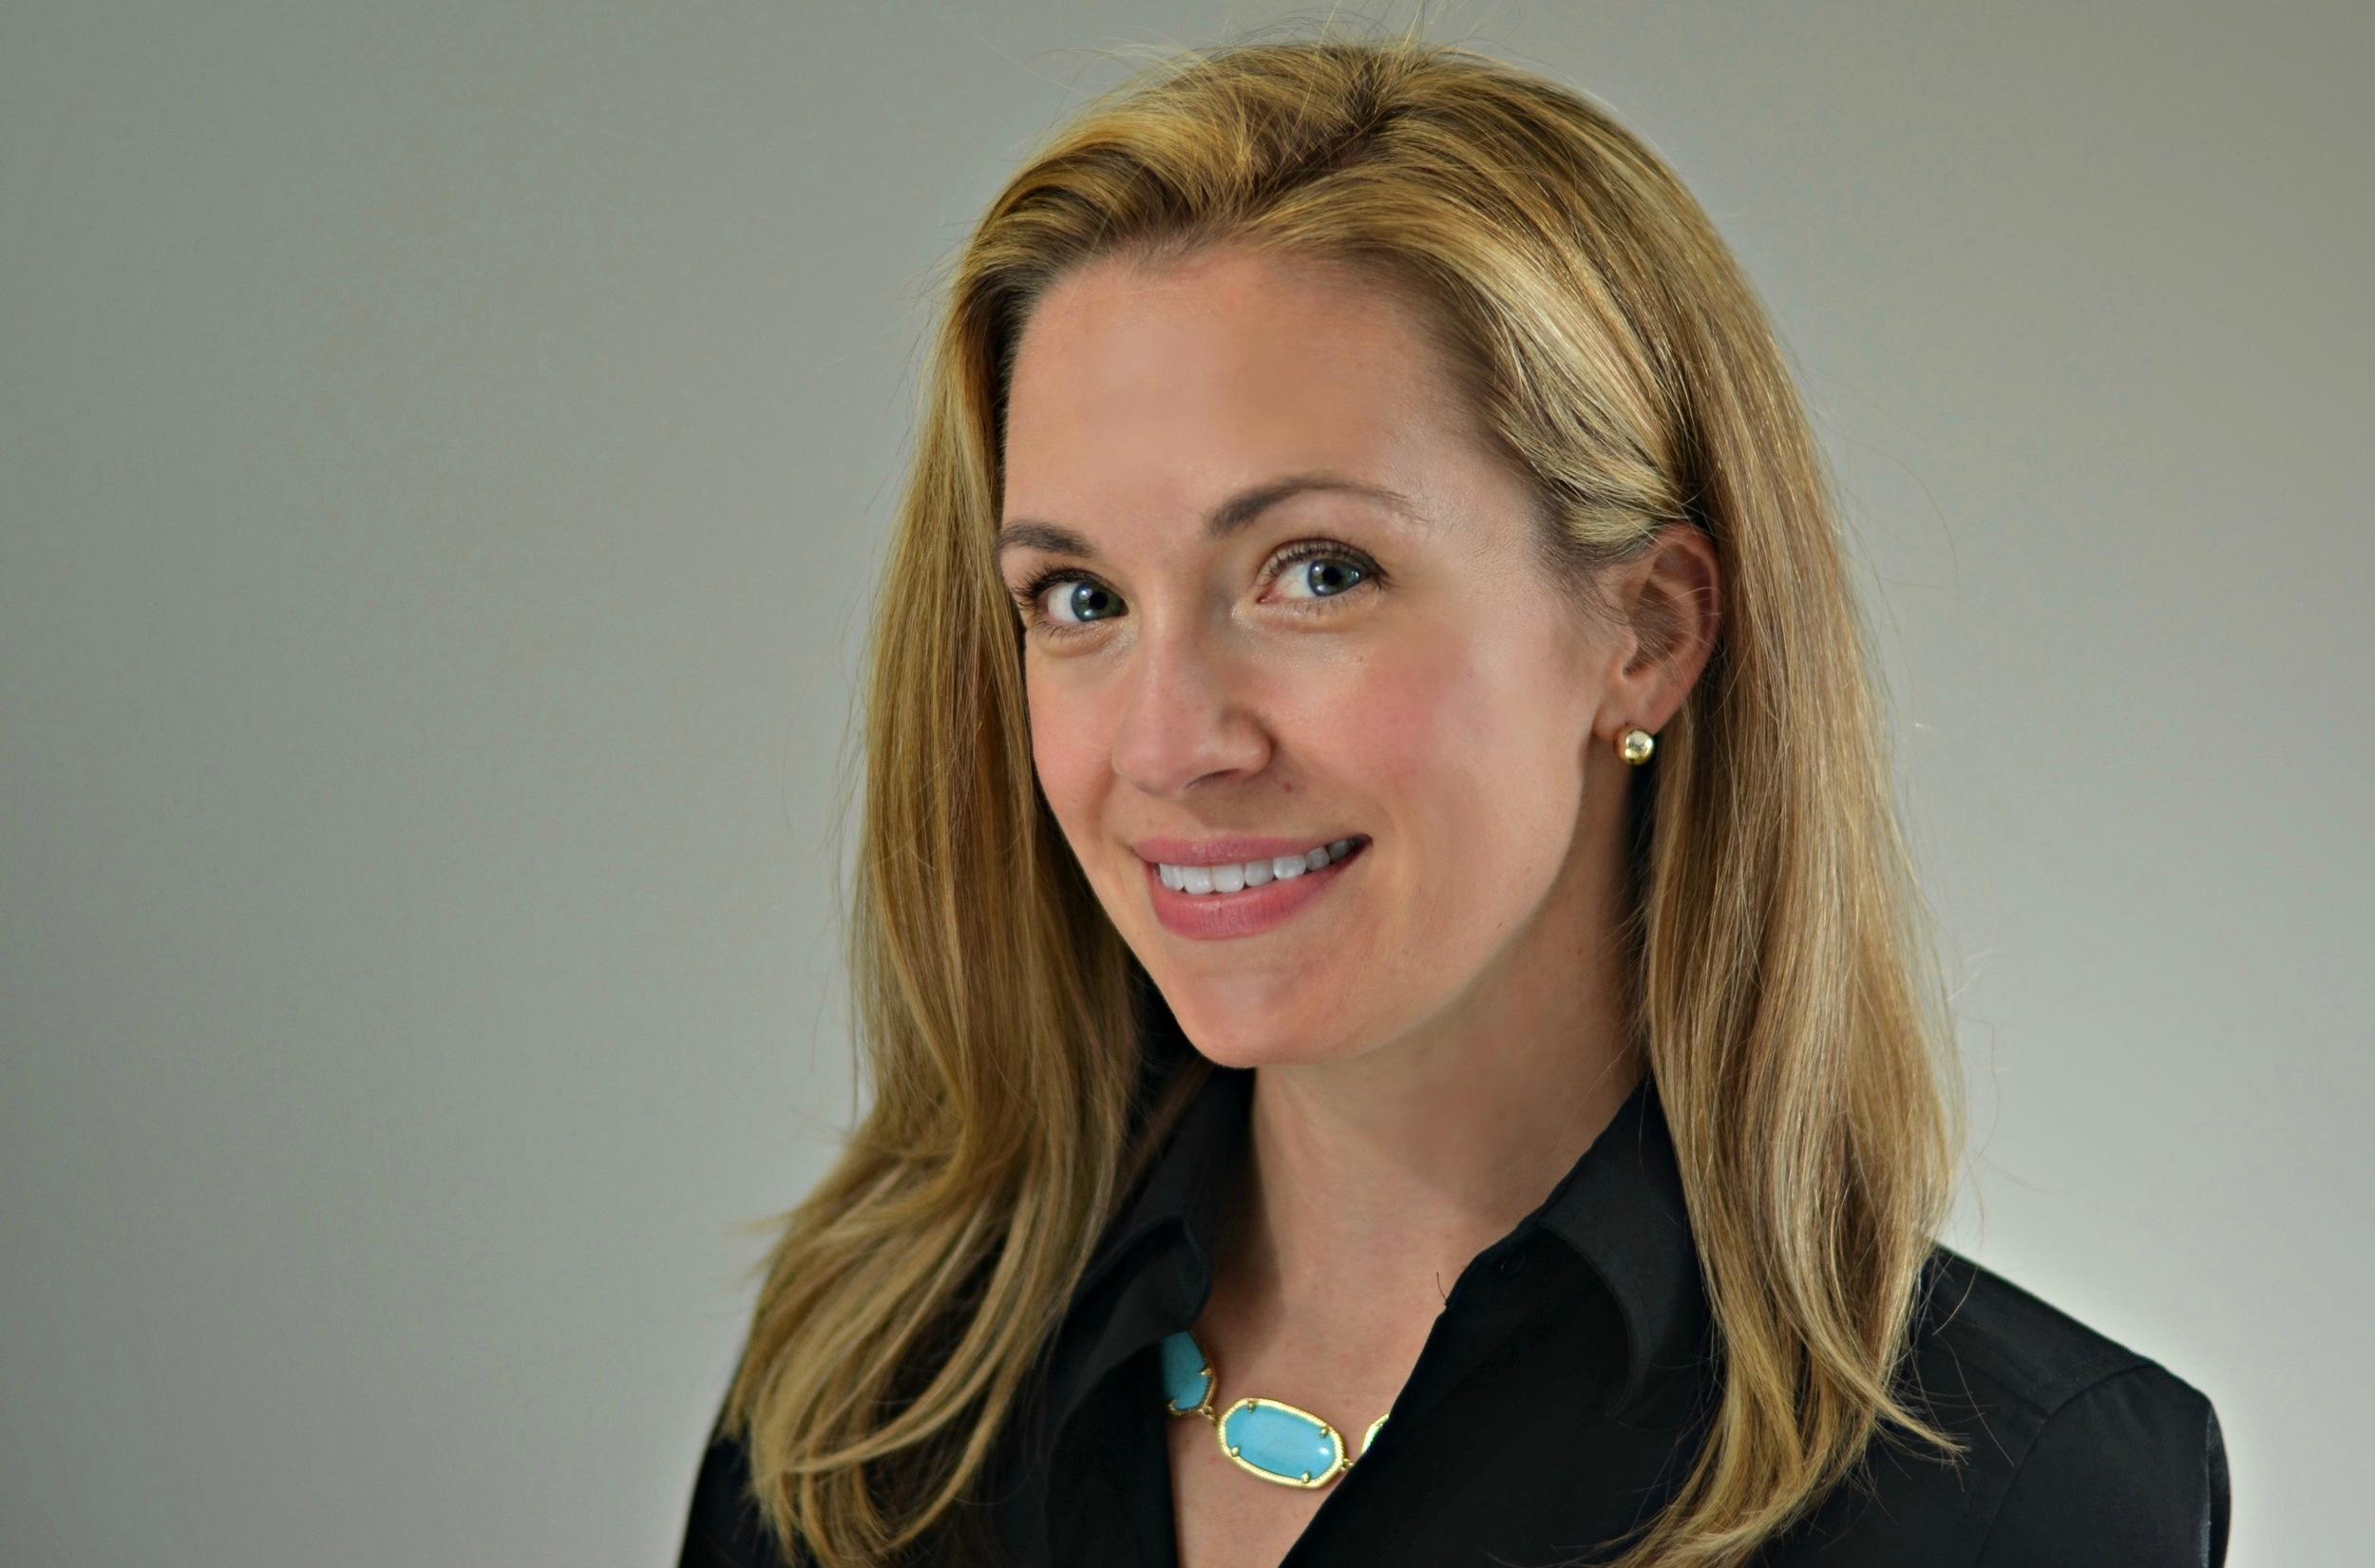 Natalie Brock